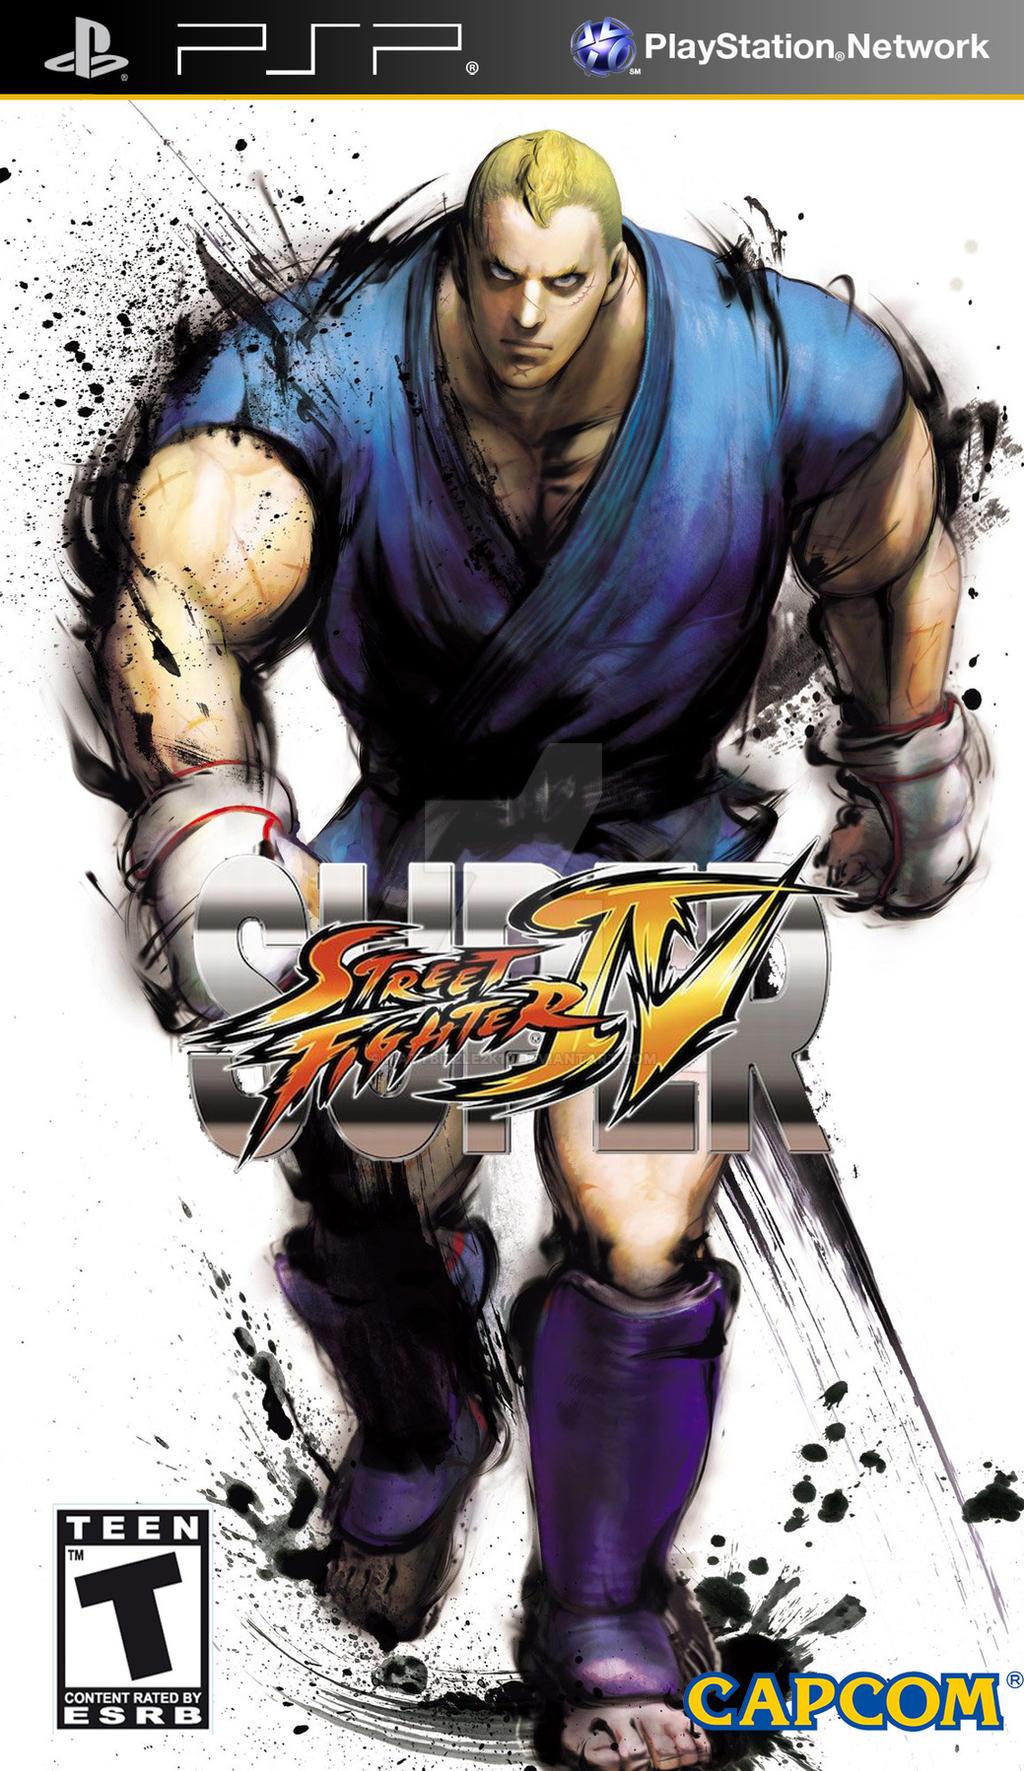 street fighter 4 psp iso